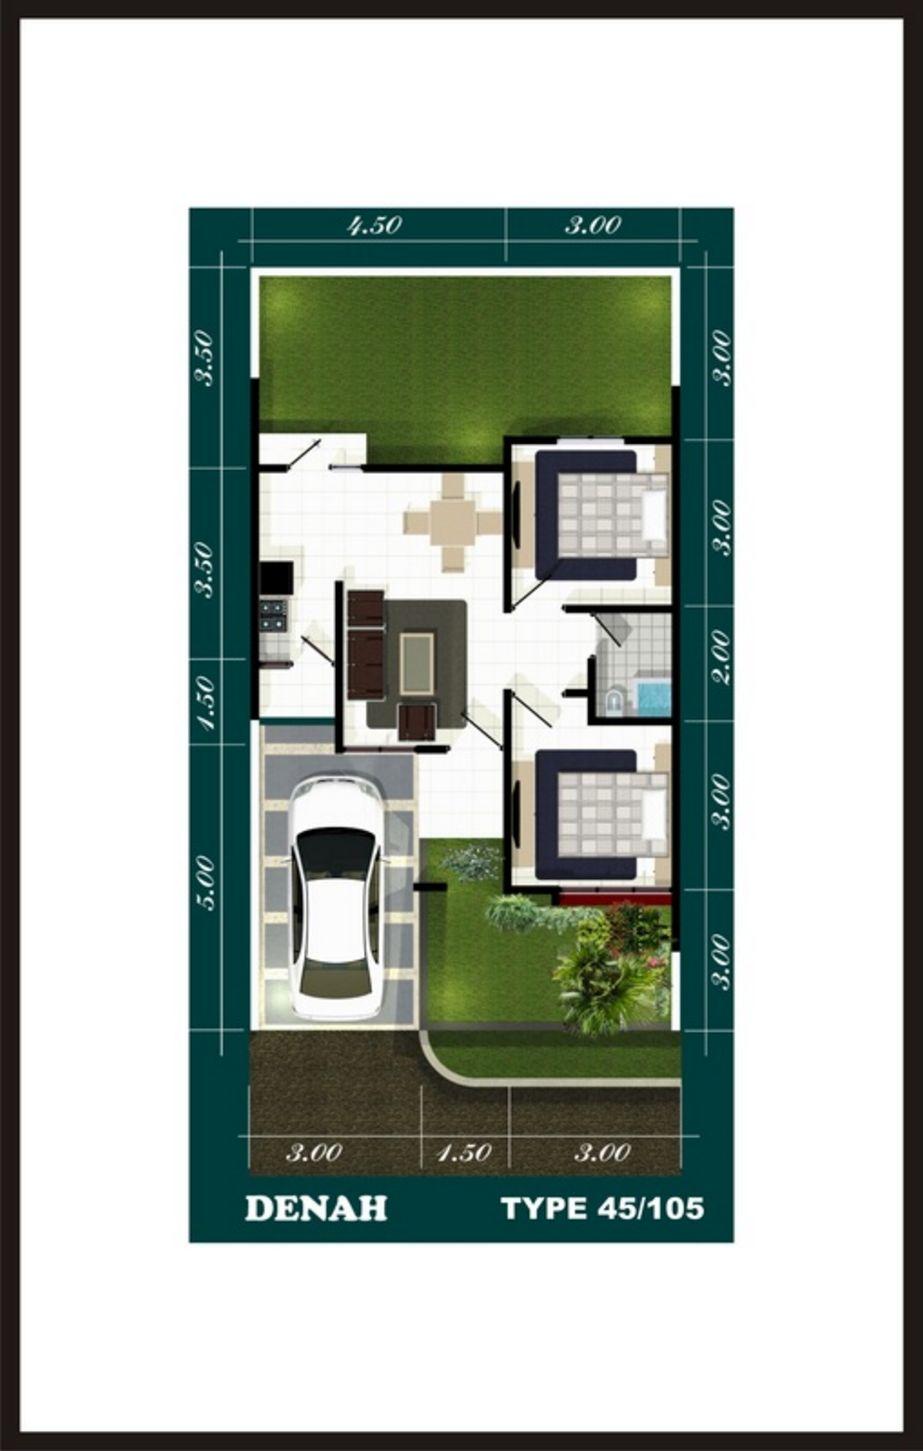 model denah rumah sederhana type 45 yang bagus